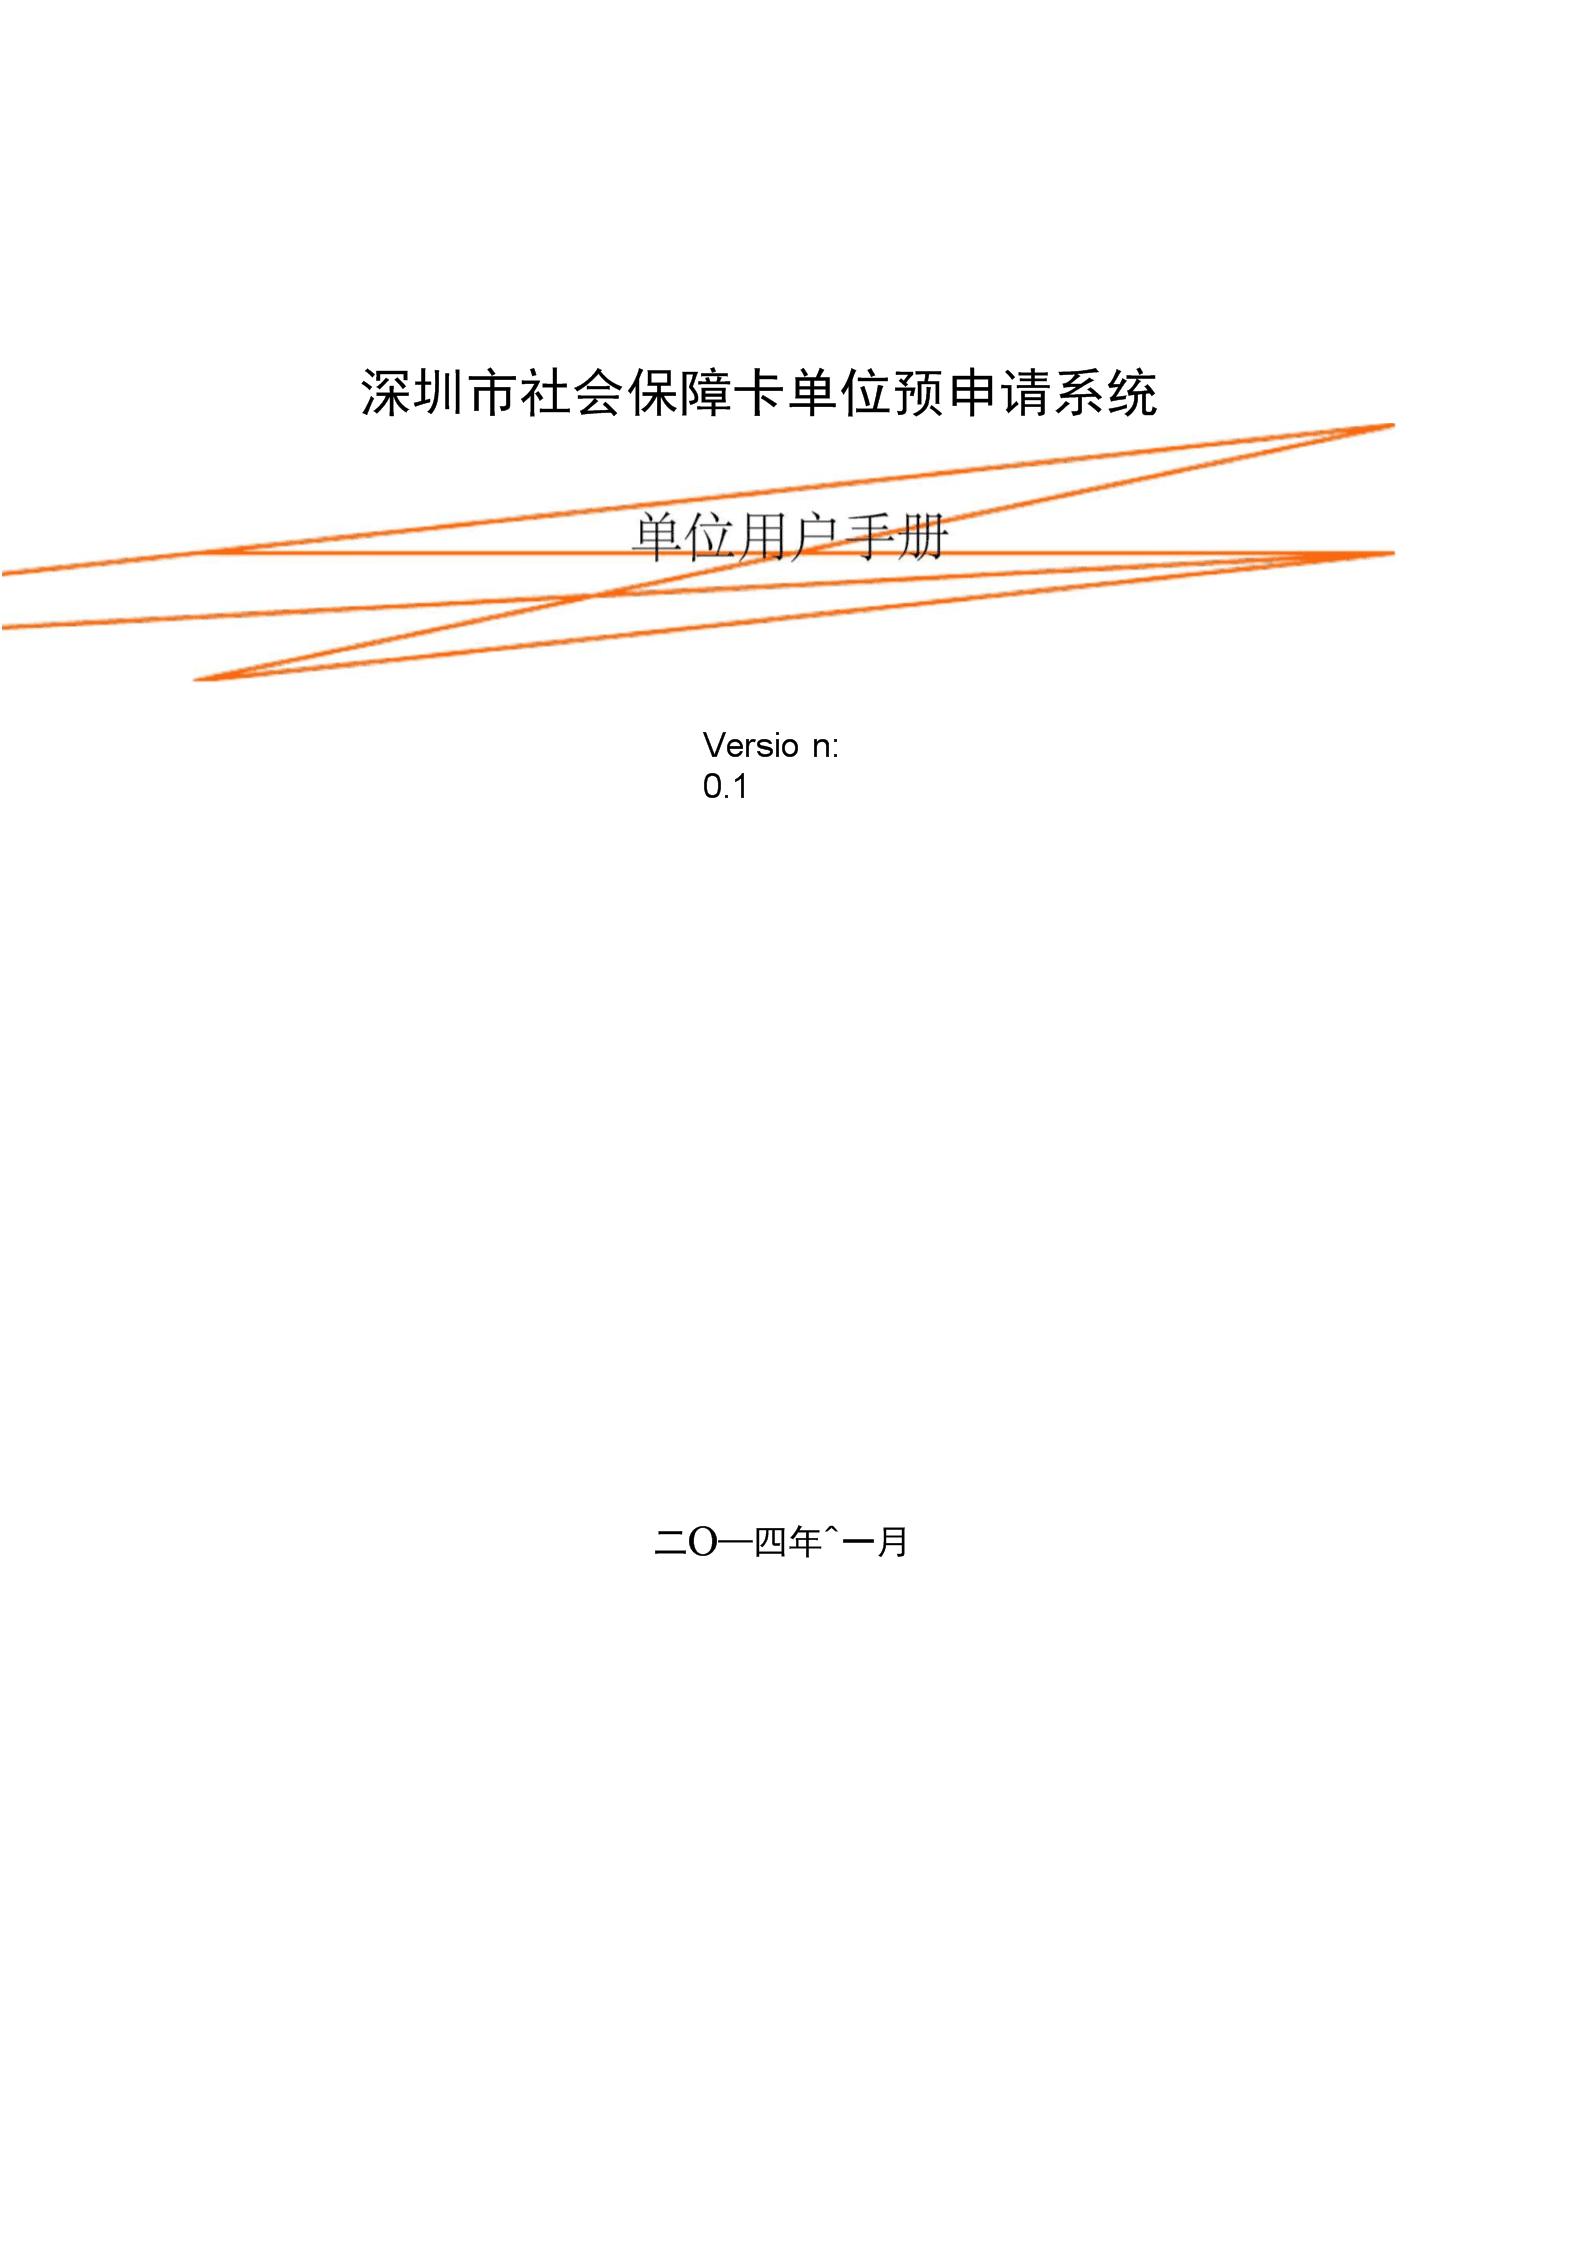 深圳市金融社保卡單位預申請系統(企業操作手冊).docx